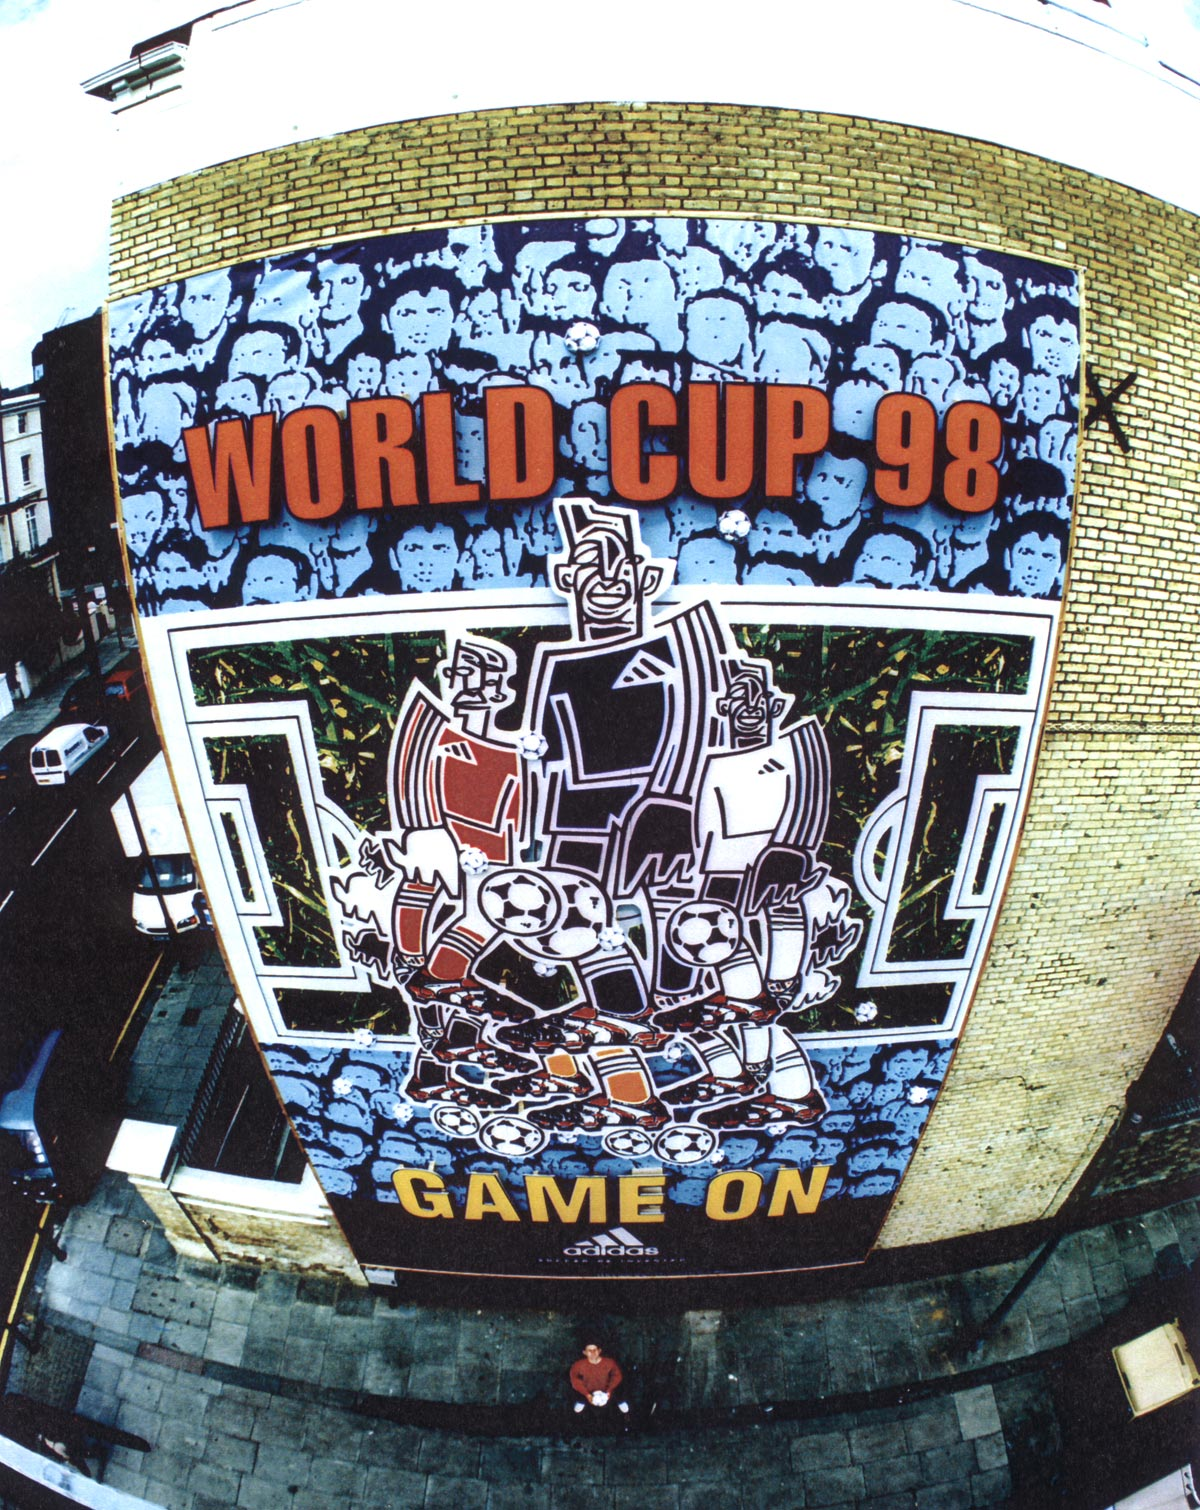 Studio Oscar - ADIDAS WORLD CUP 98